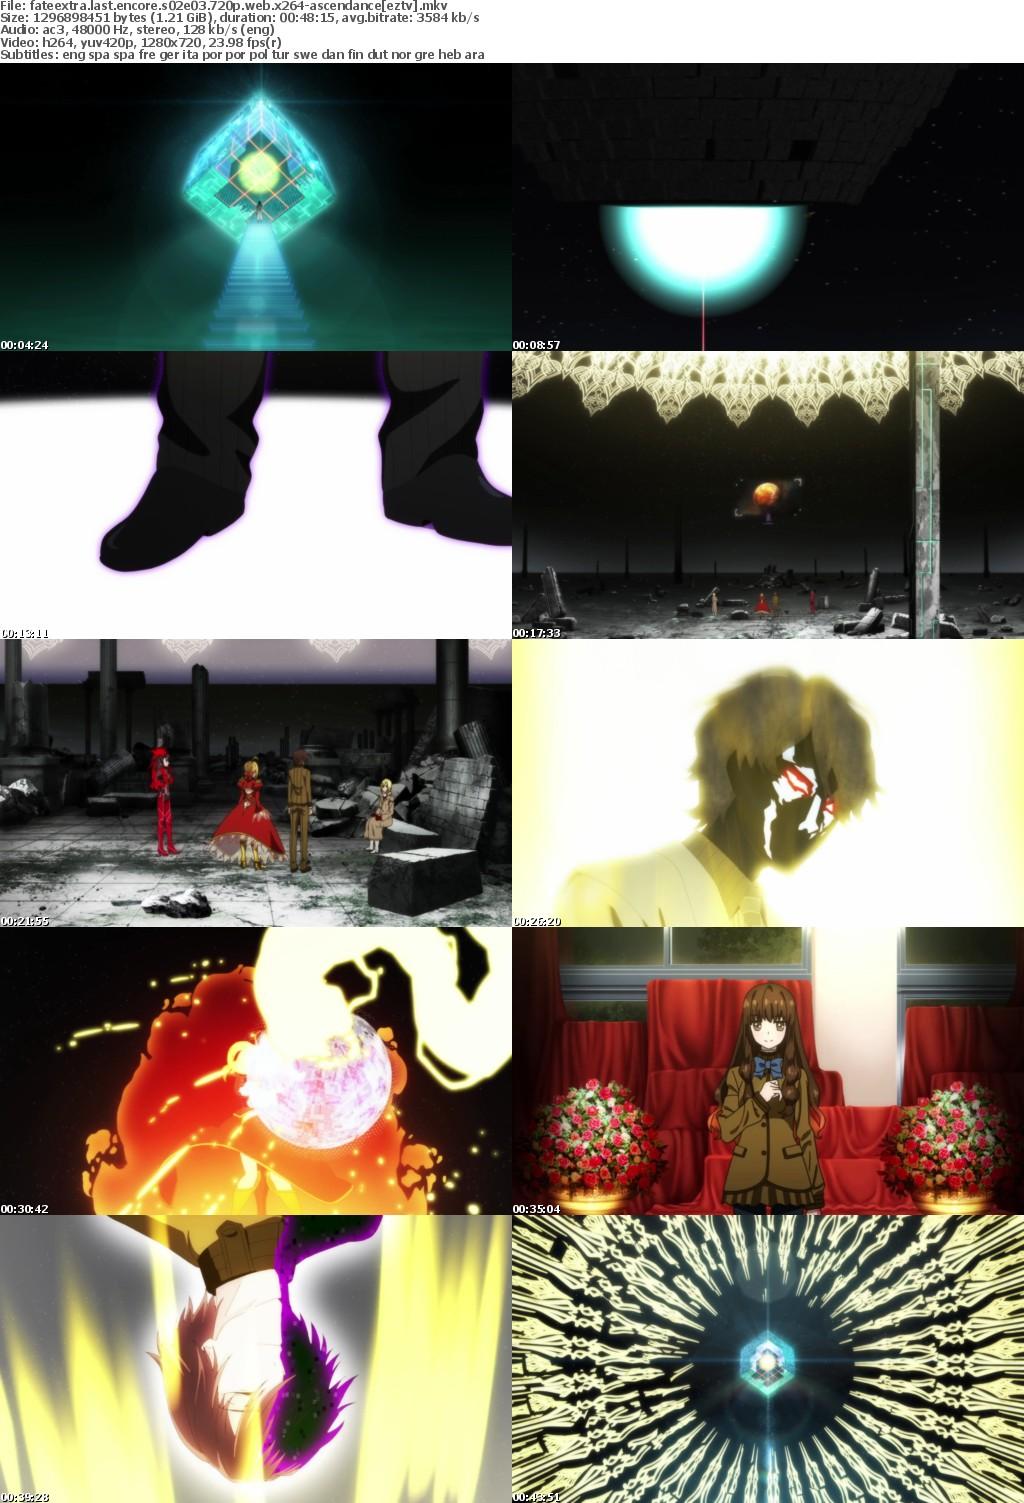 Fate Extra Last Encore S02E03 DUBBED 720p WEB x264-ASCENDANCE